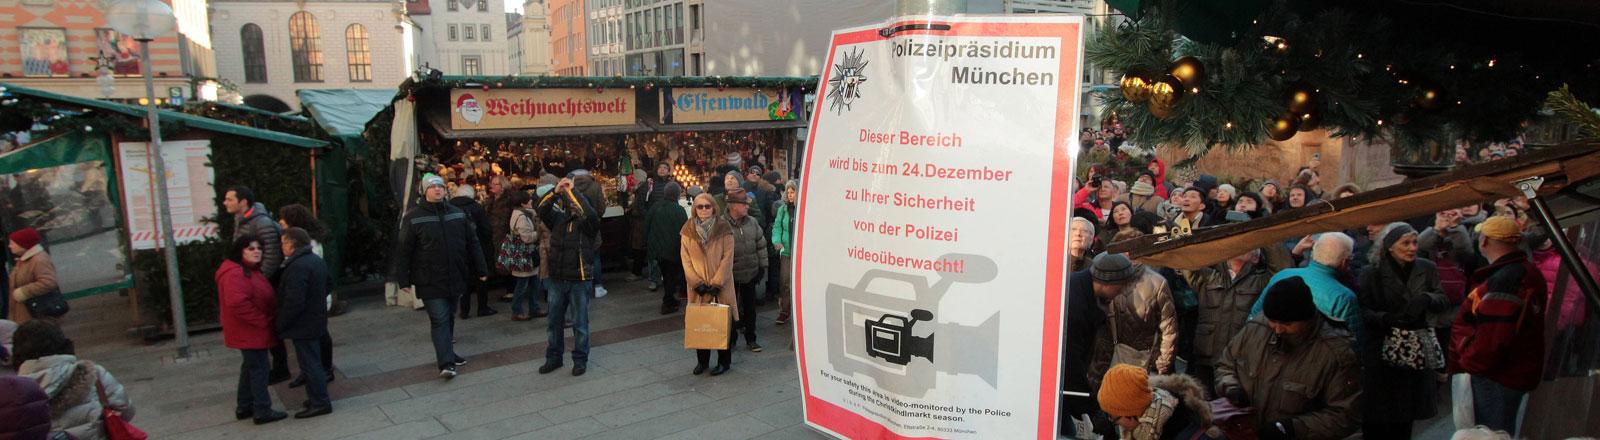 Kameraüberwachung am Weihnachtsmarkt in München